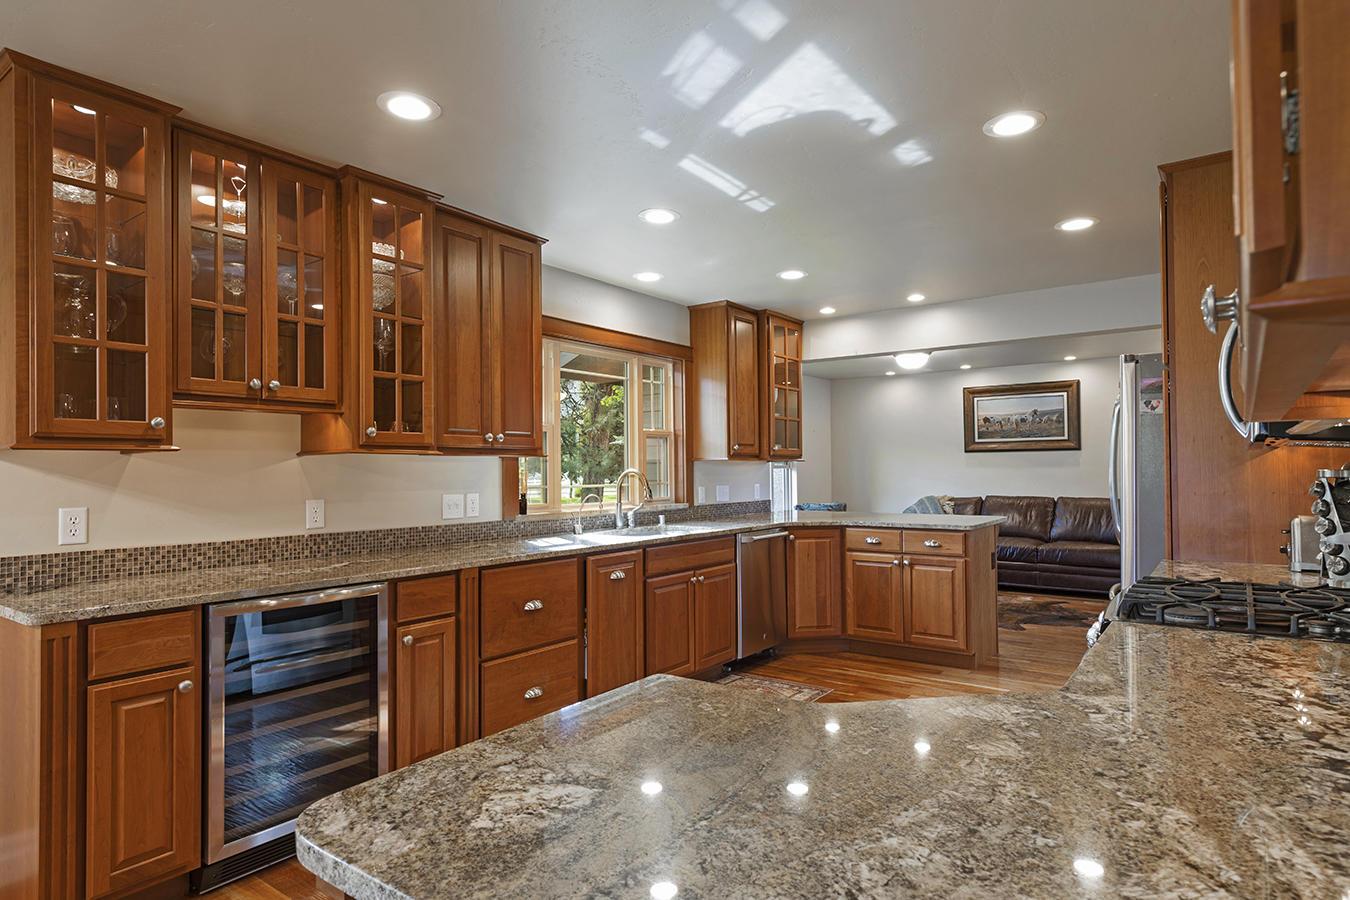 017-kitchen